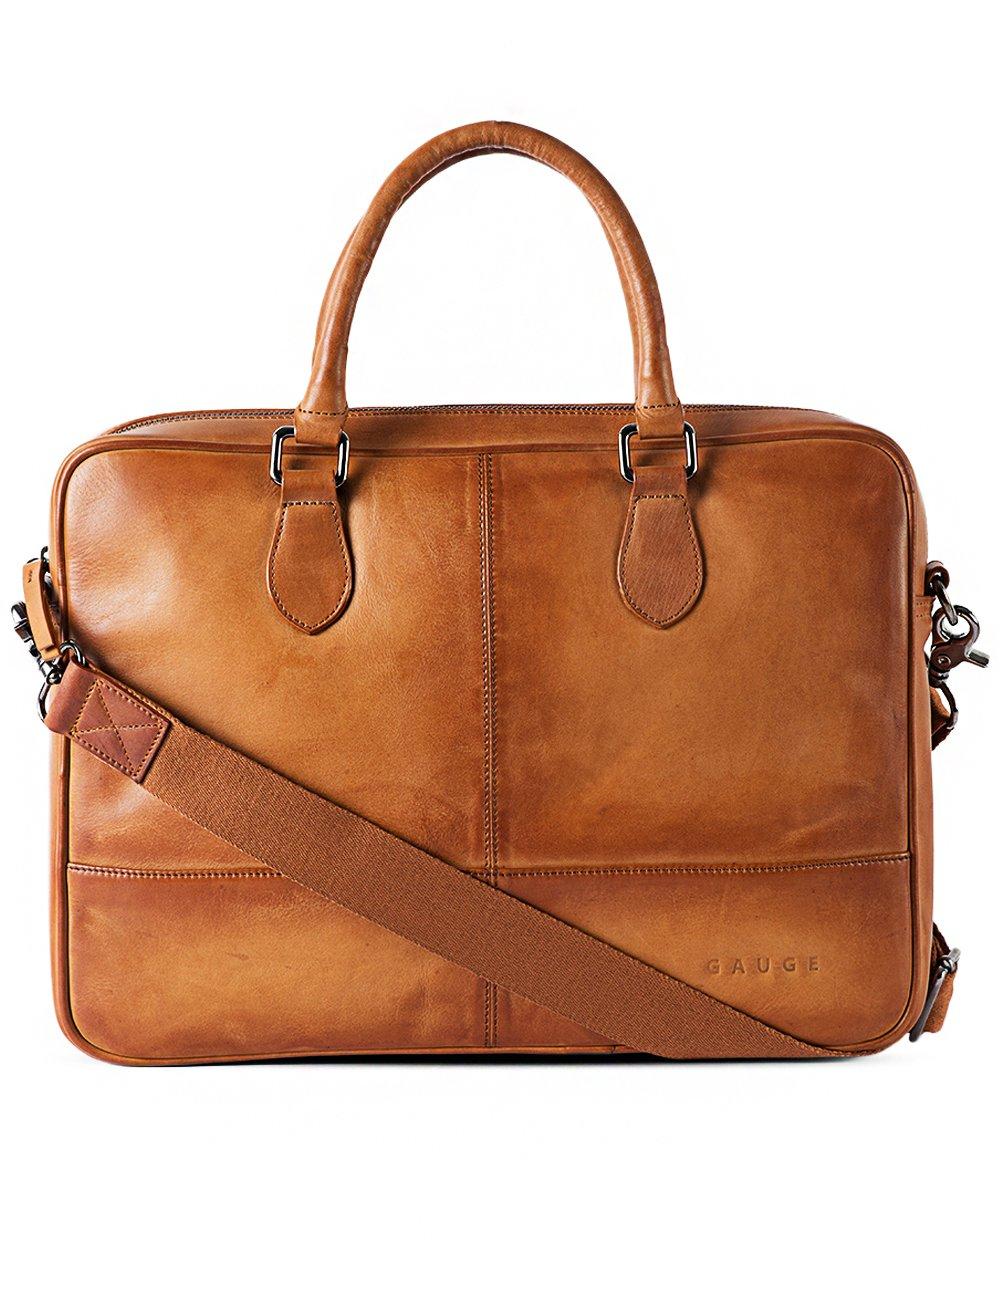 Gauge 15 Inch Hand Padded Leather Laptop Bag Messenger Bag Office Briefcase College Bag Satchel for Men (Tan)